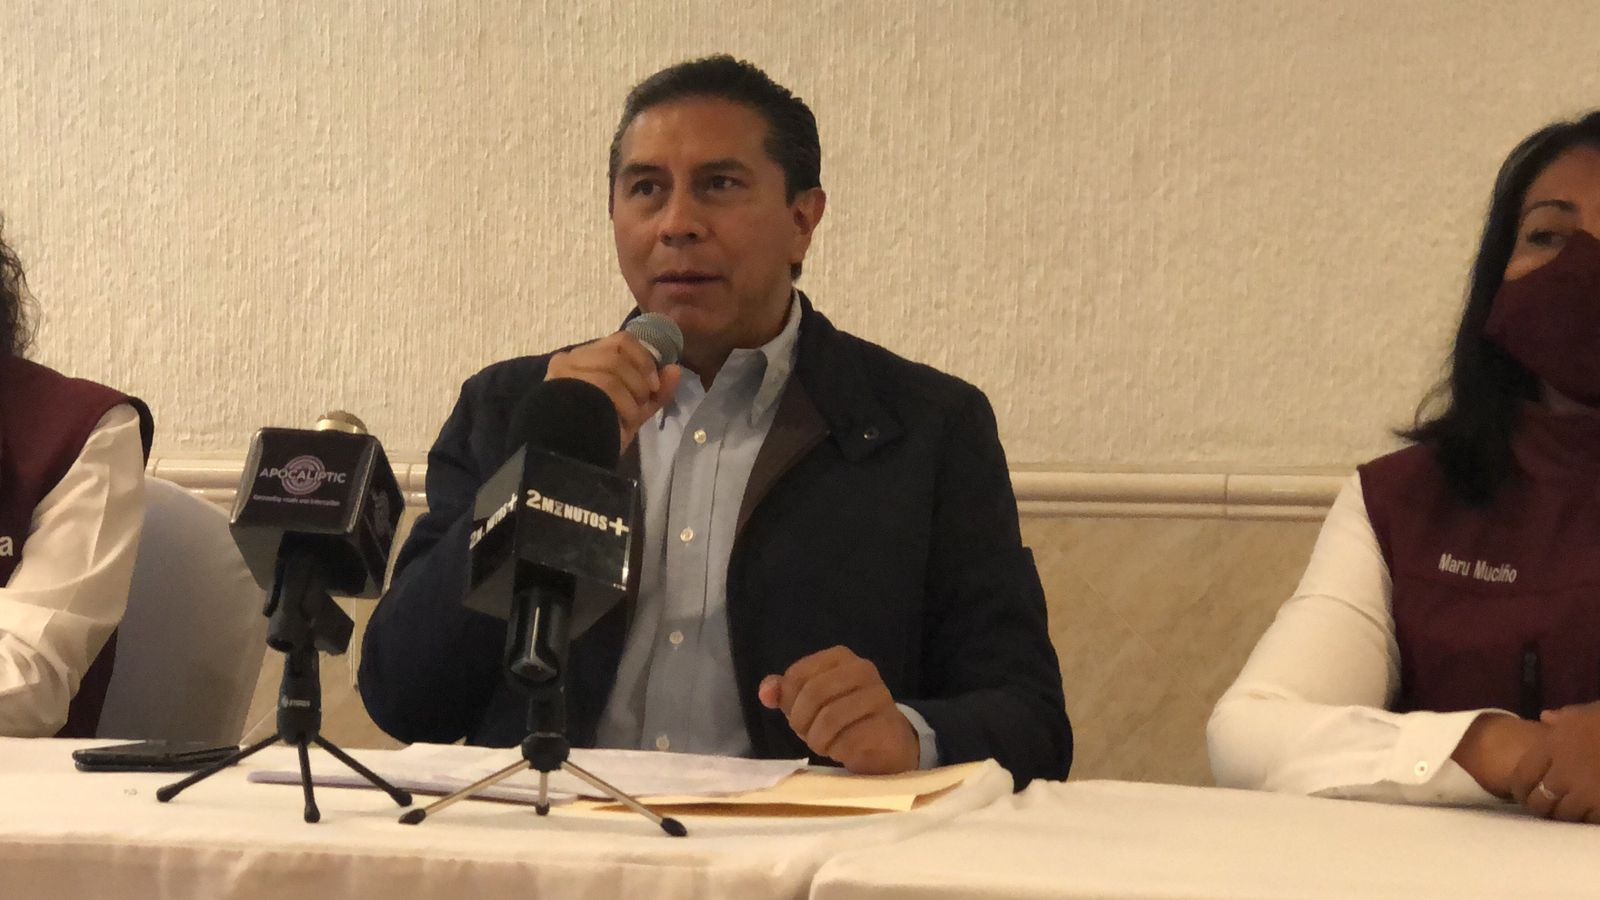 Juan Rodolfo denuncia violencia por parte de sus contrincantes